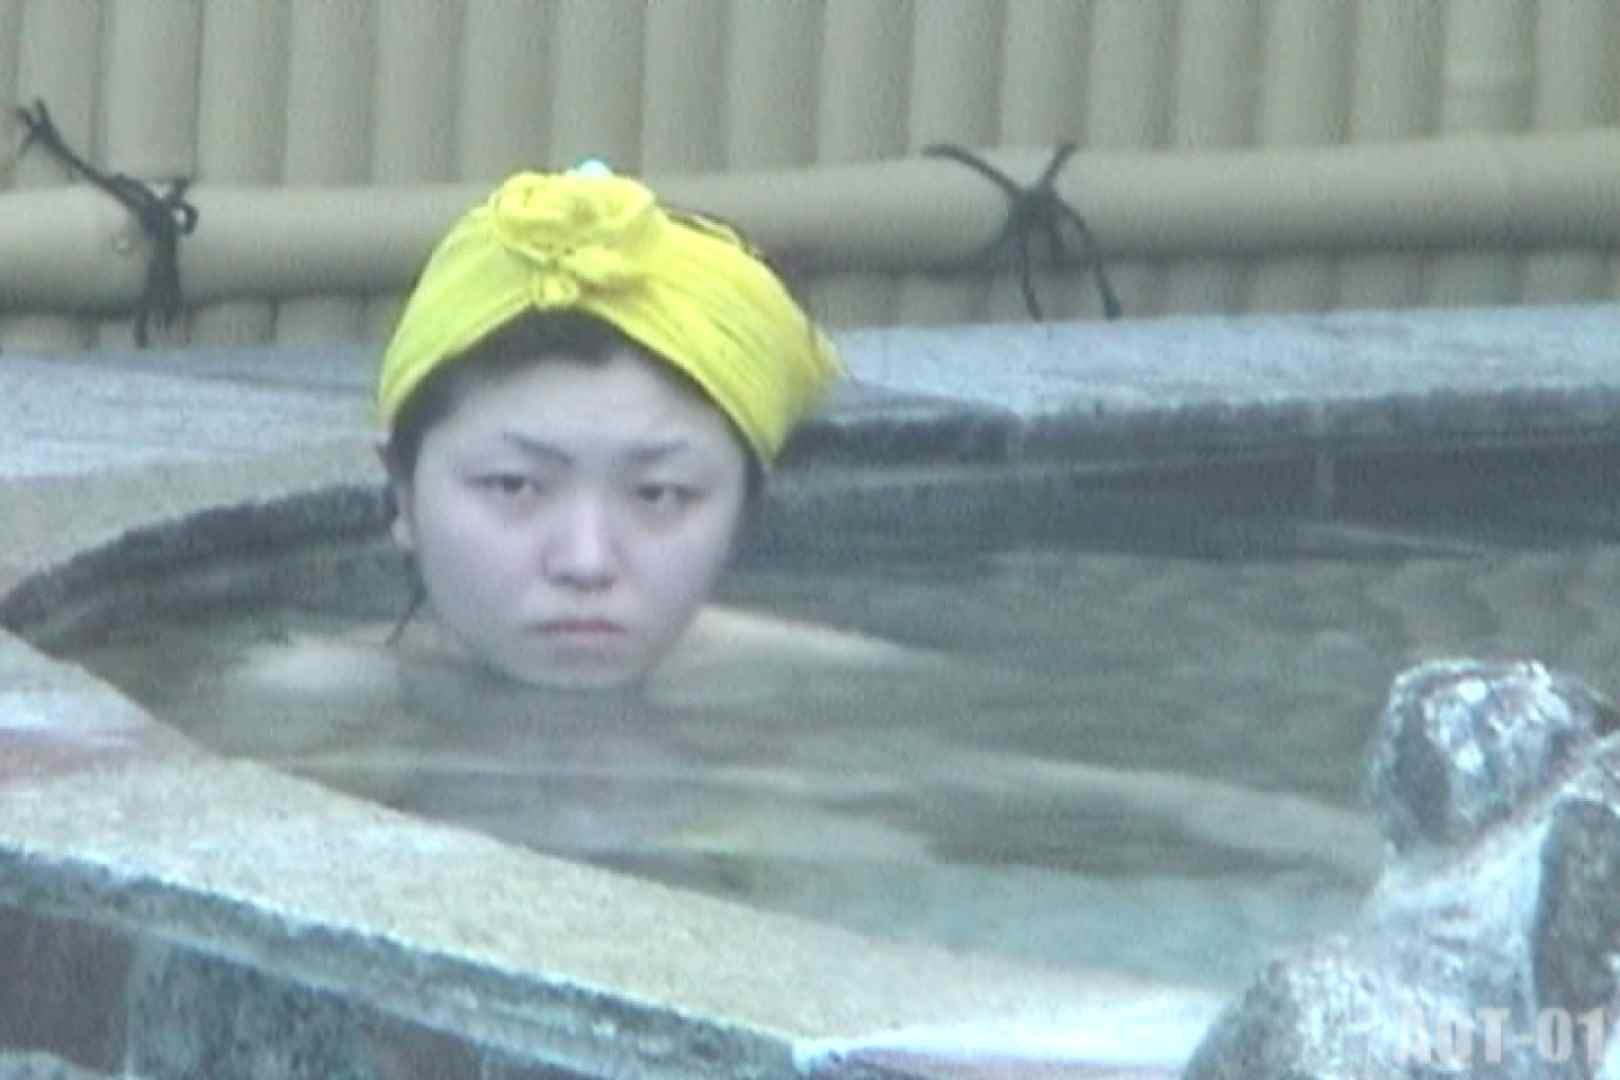 Aquaな露天風呂Vol.720 盗撮  98枚 30